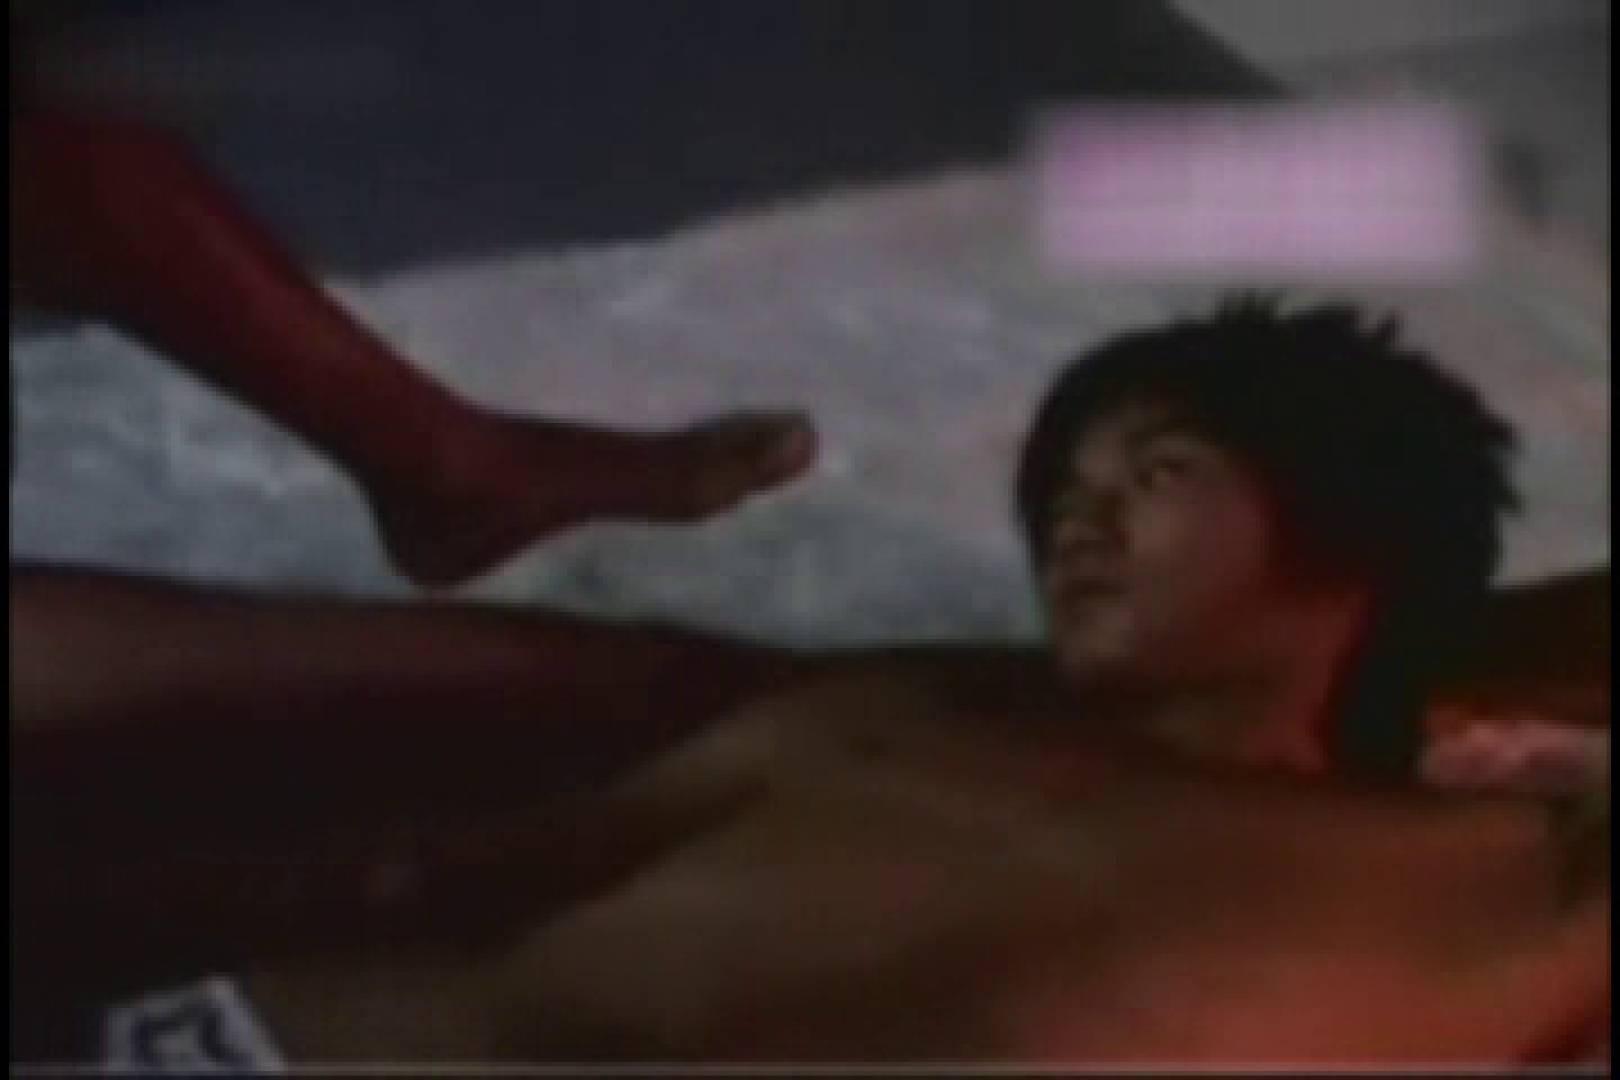 中出有名ゲイ雑誌★魅力●生★付録DVD収録スーパーモデルヌードvol4 モデル ゲイ無修正ビデオ画像 82枚 75